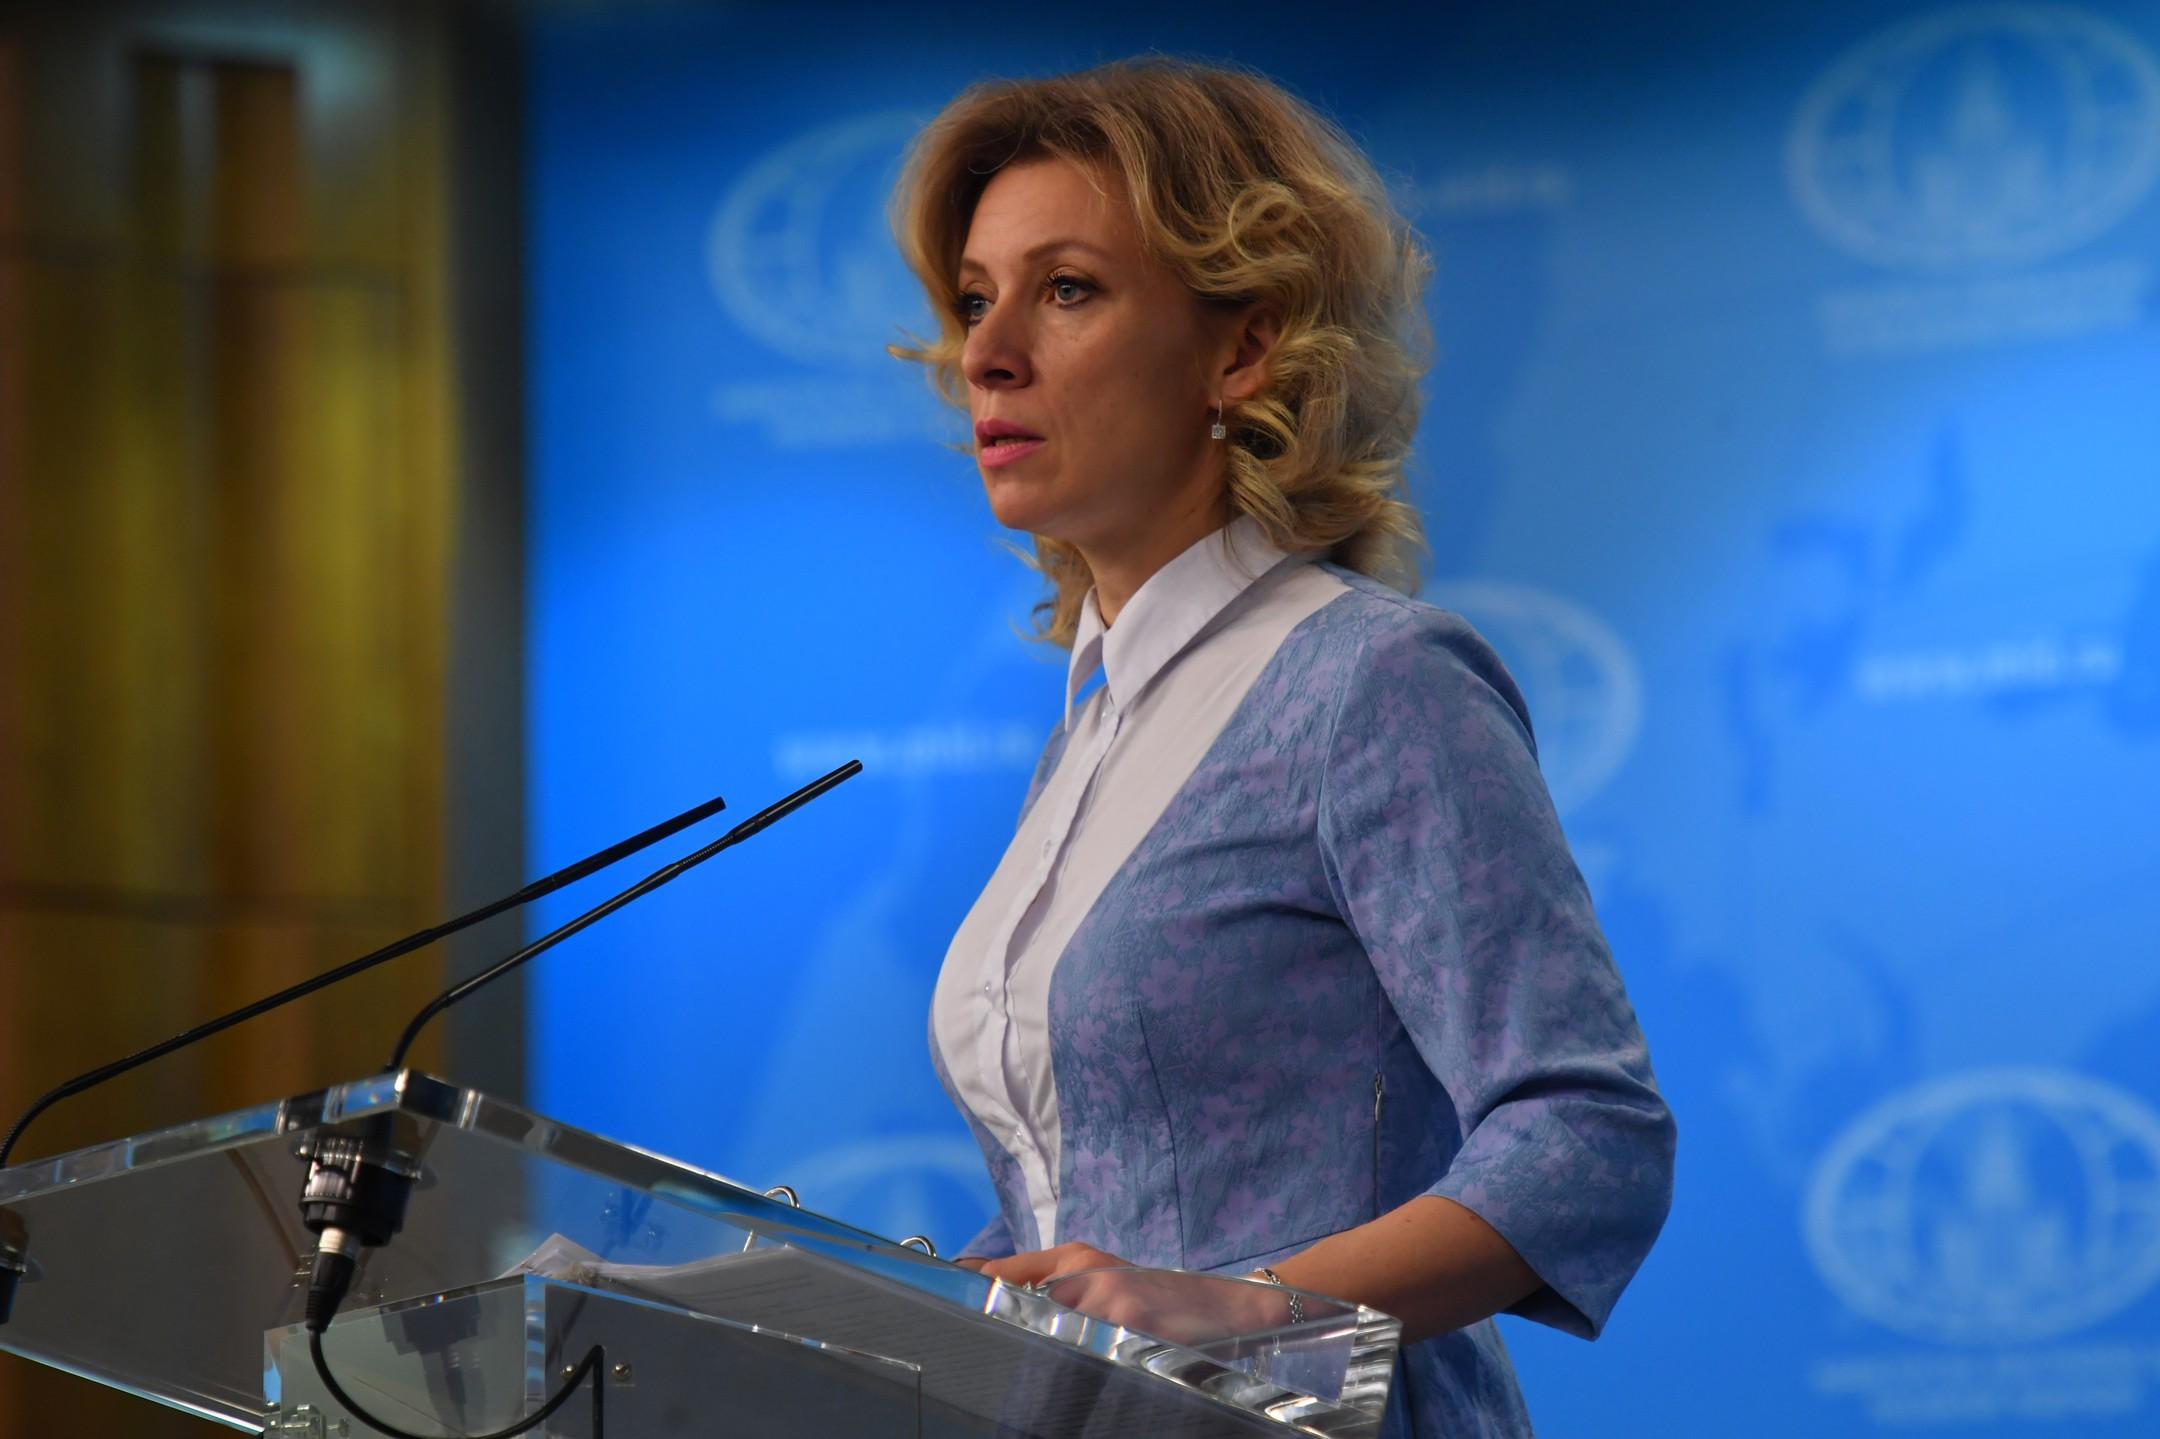 МИДРФ: Выдворяя русских репортеров, Латвия грубо нарушает международные обязательства